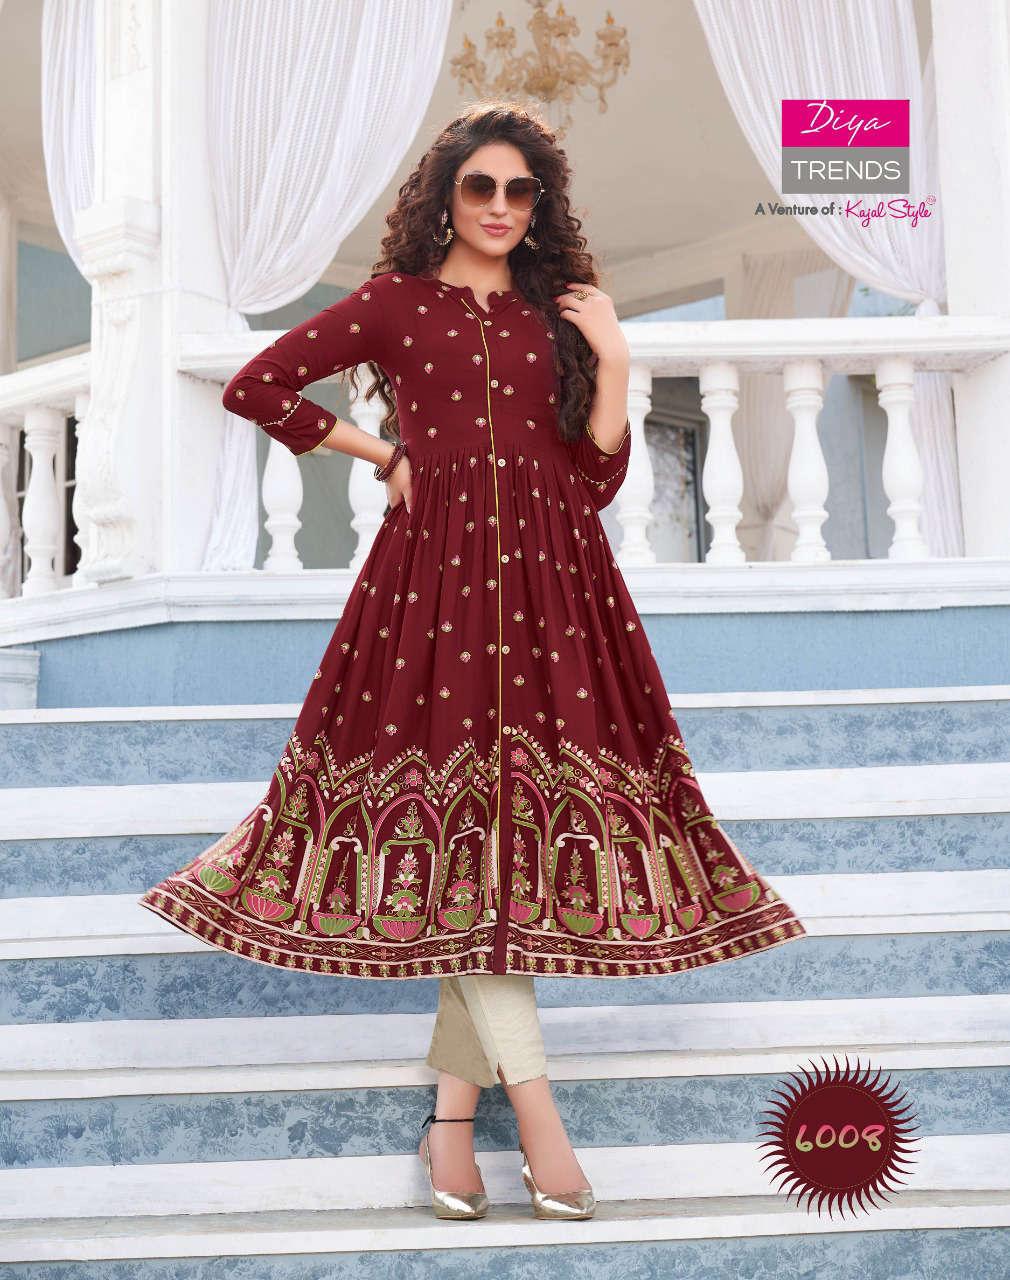 Diya Trends Ethnicity Vol 6 by Kajal Style Kurti Wholesale Catalog 10 Pcs 11 - Diya Trends Ethnicity Vol 6 by Kajal Style Kurti Wholesale Catalog 10 Pcs